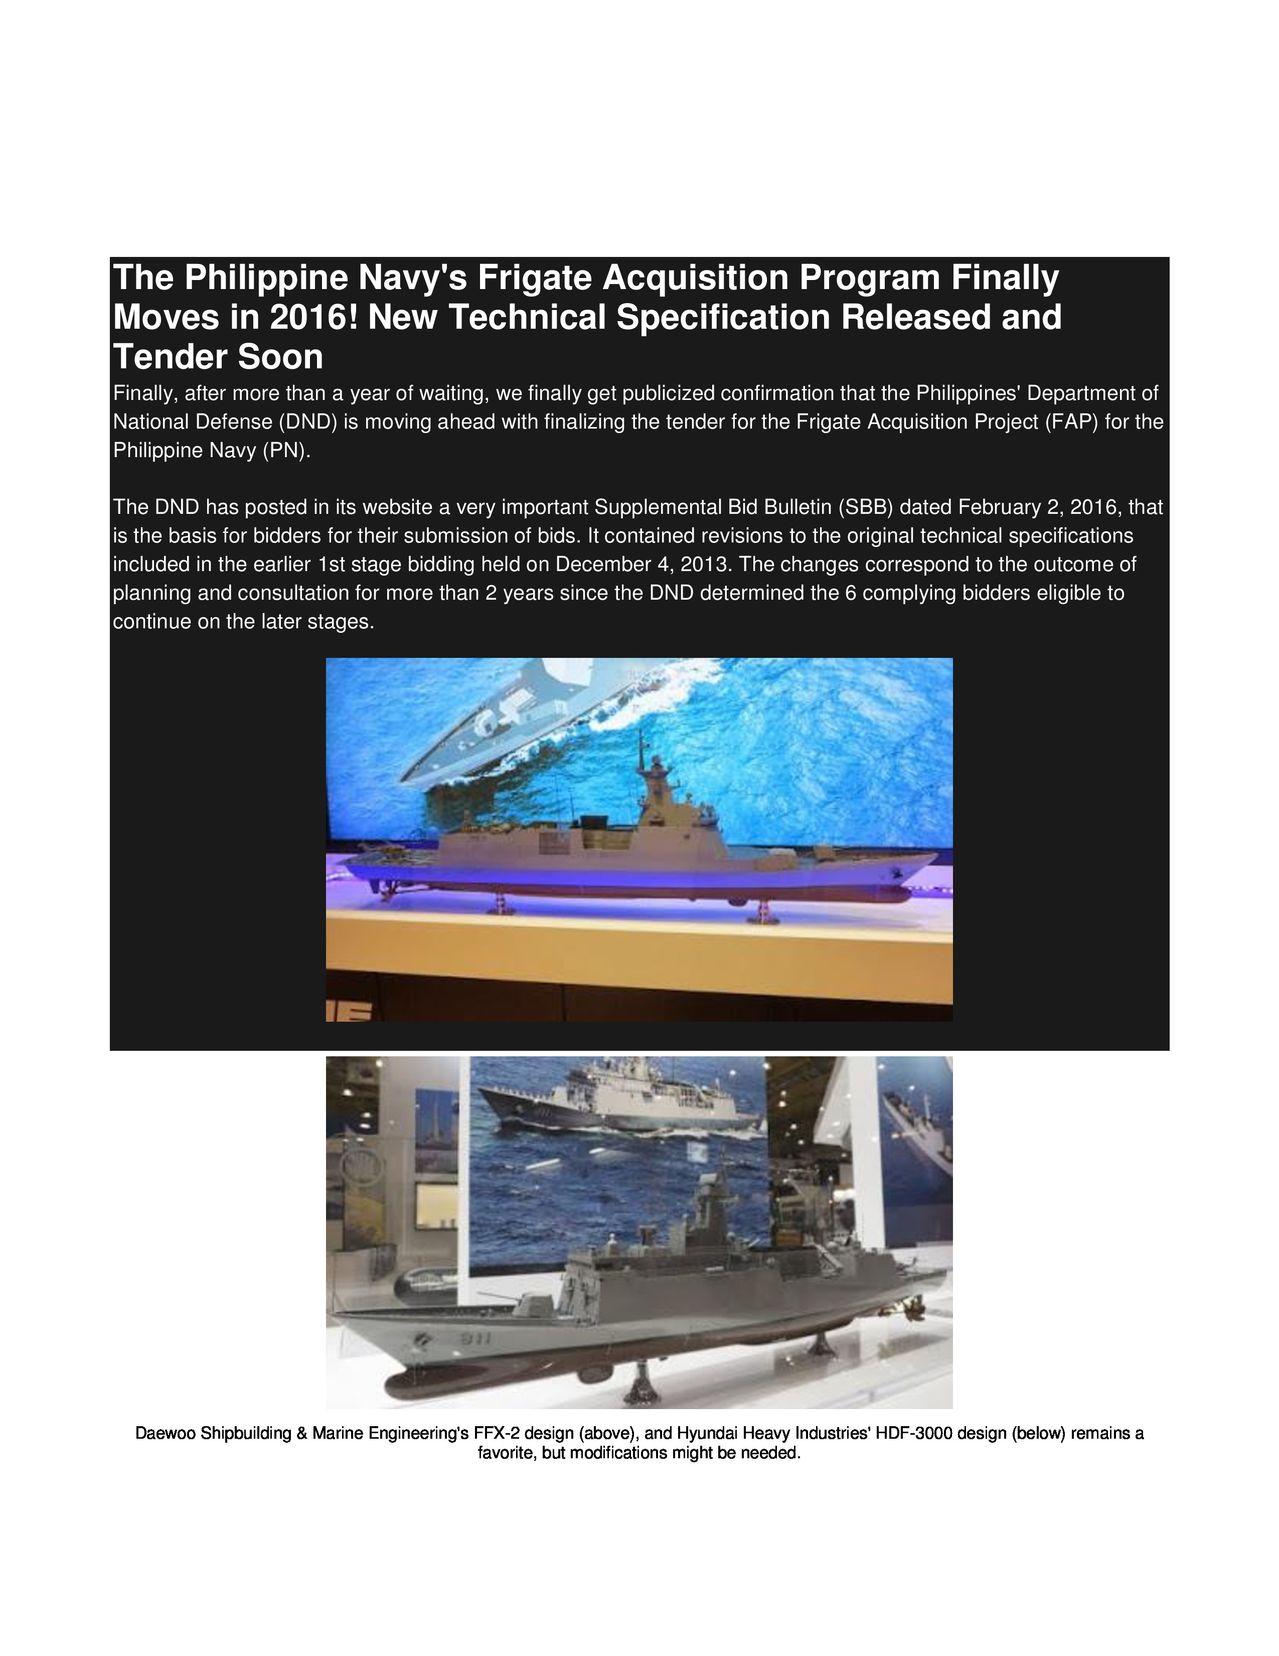 Fuerzas Armadas de Filipinas - Armada - Fuerzas Especiales- Fuerza Aerea - Ejercito - notas, equipos, inversiones y noticias PHILIPHINESFRIGATECASE_Page_1